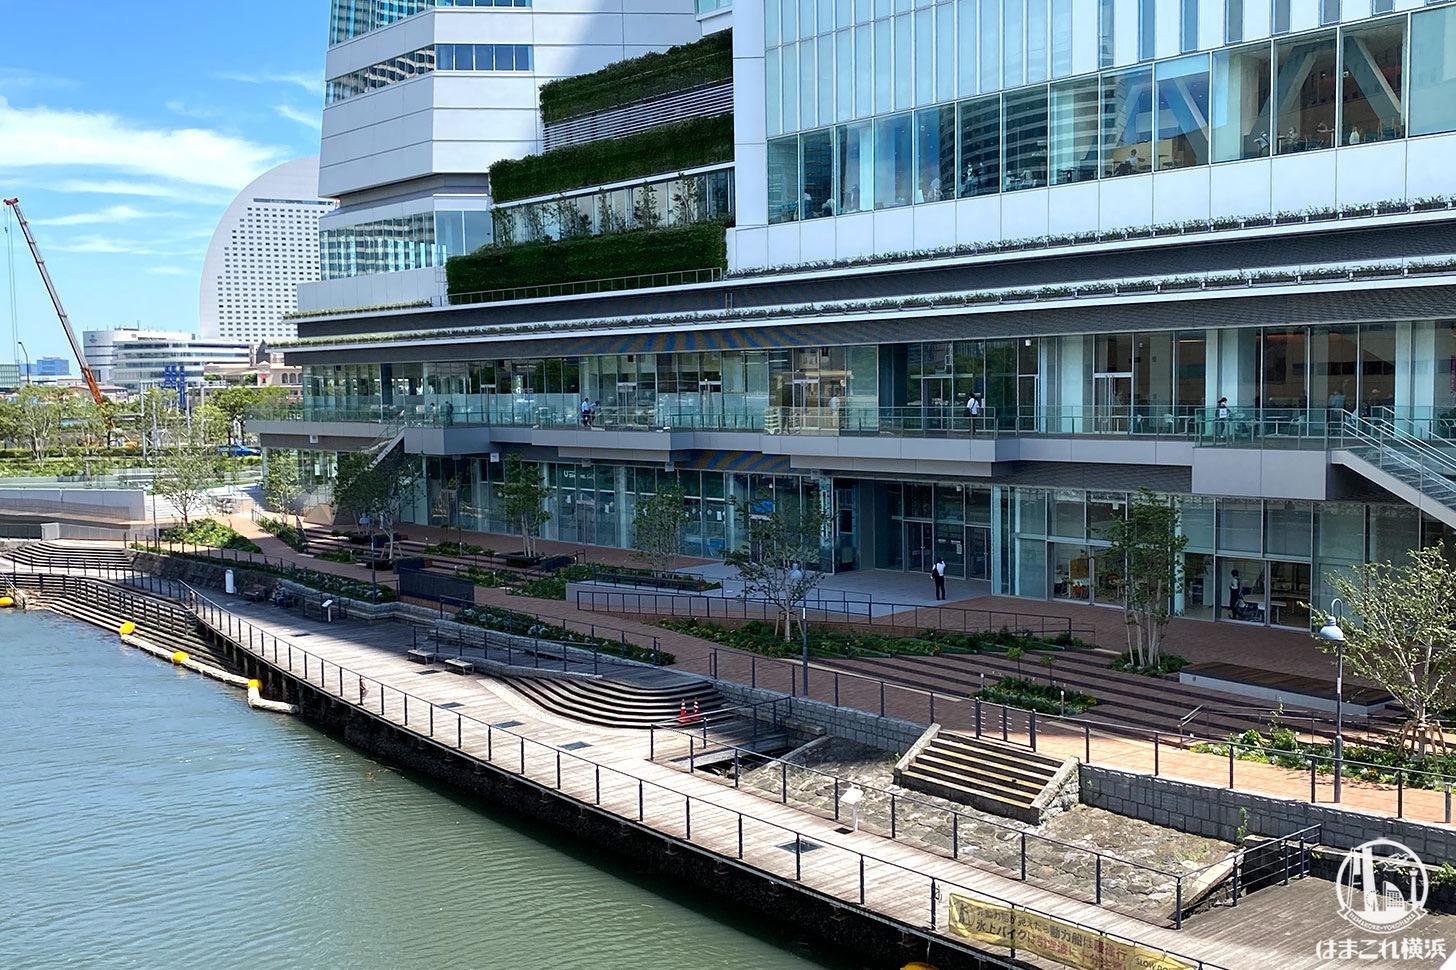 ラクシスフロント、横浜市役所内に全面開業!フードホールやレストラン一覧